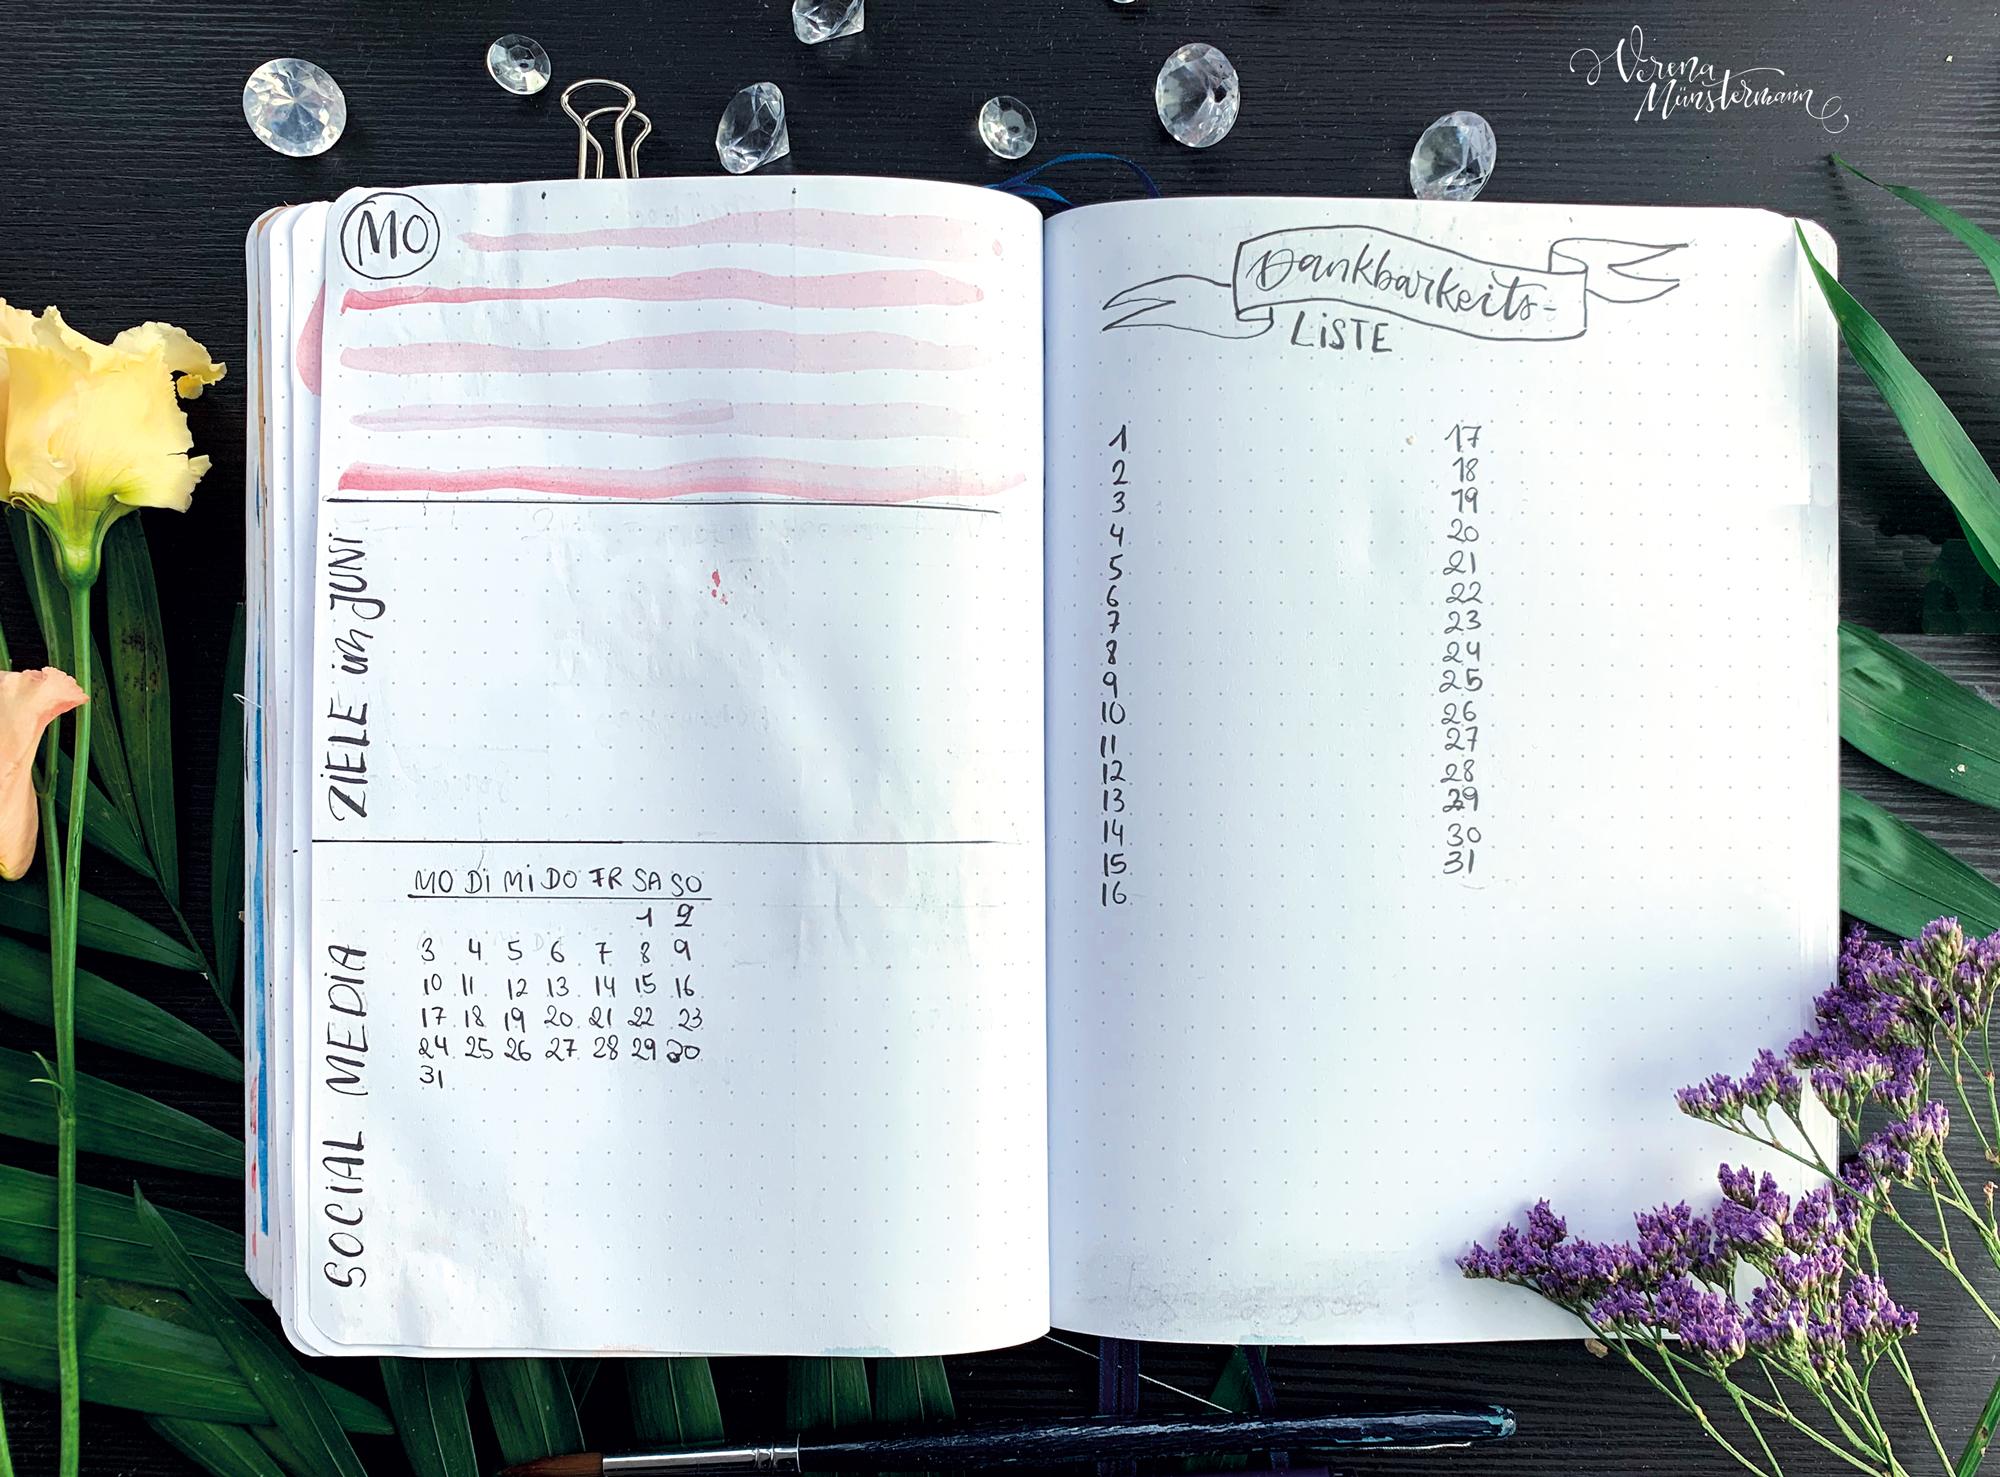 verenamuenstermann - Journal - Dankbarkeitsliste - Mai